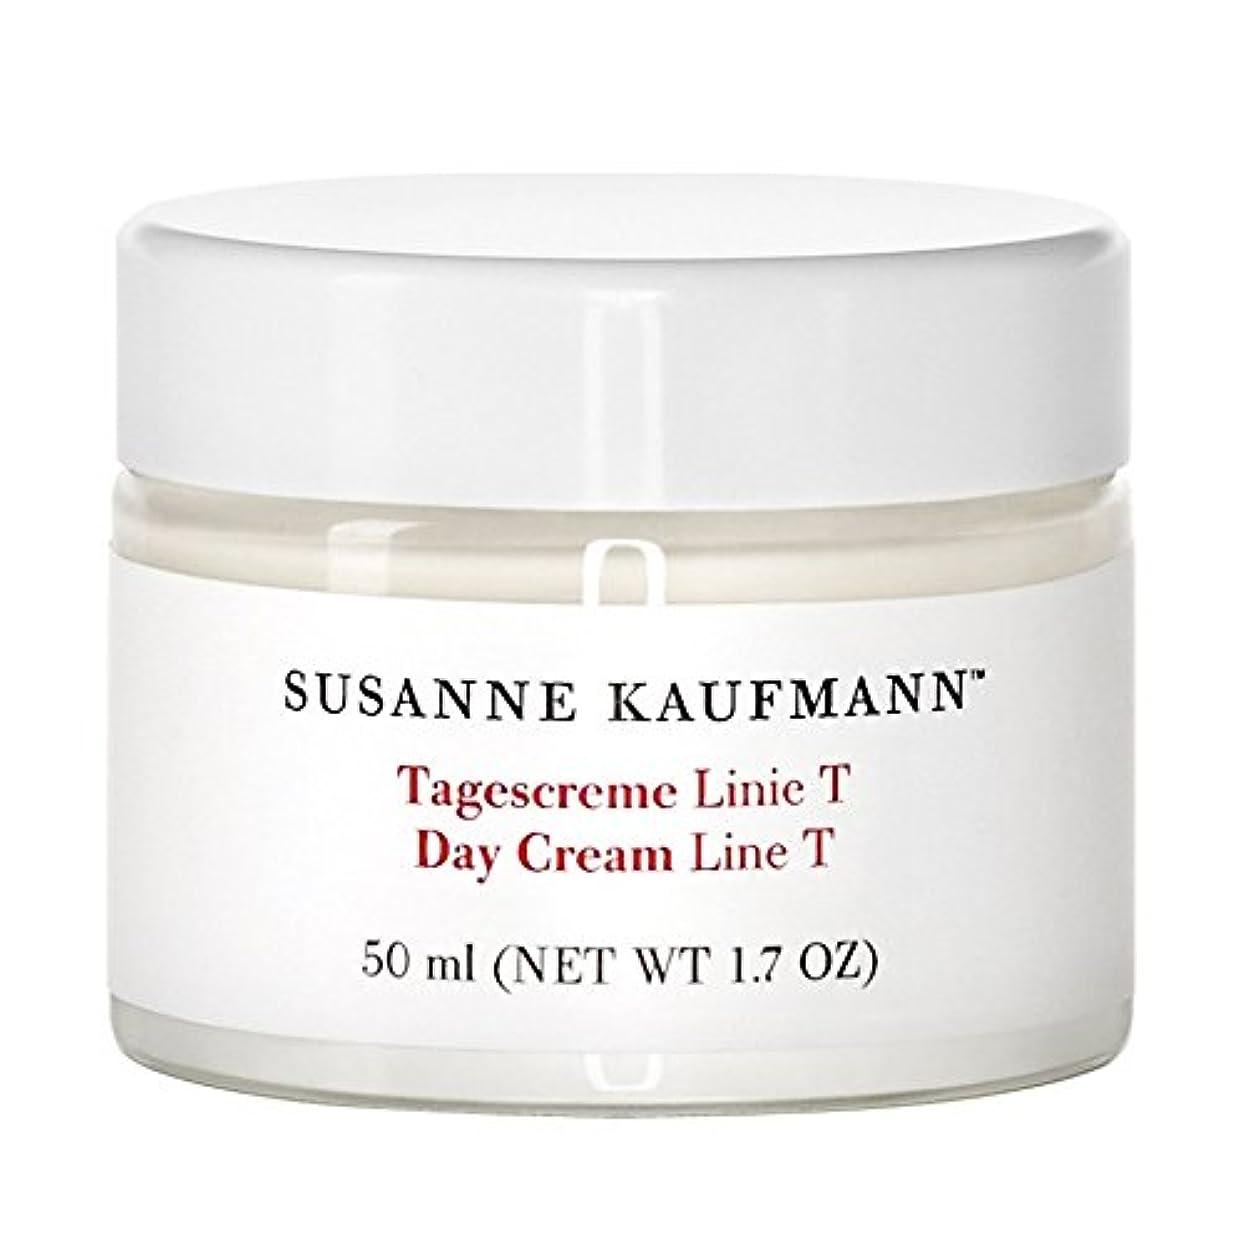 チューブ魔術師騒ぎSusanne Kaufmann Day Cream Line T 50ml - スザンヌカウフマン日クリームライントンの50ミリリットル [並行輸入品]